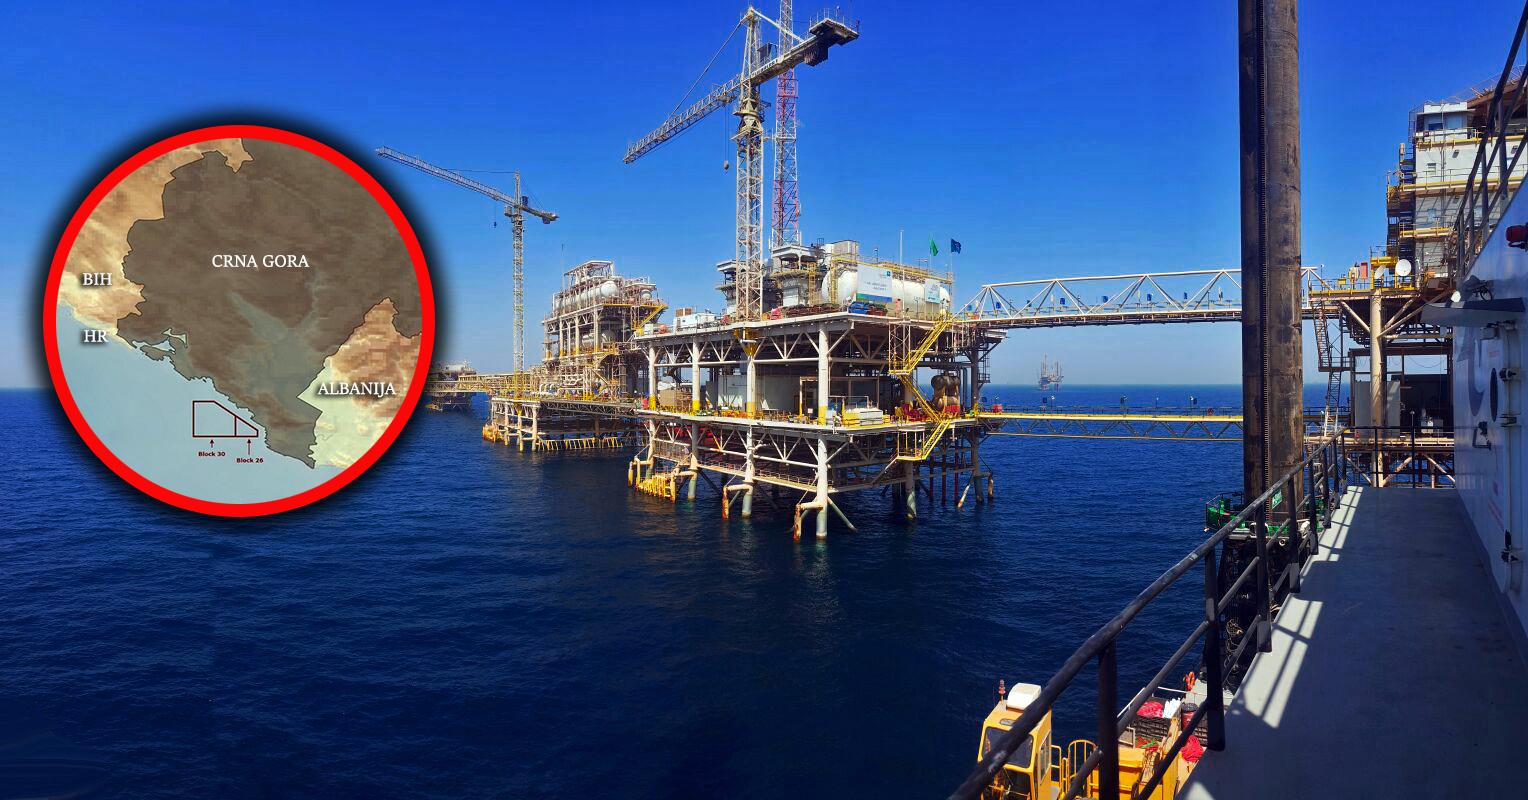 Μαυροβούνιο: Ο COVID-19 βάζει εμπόδια στις έρευνες πετρελαίου και φυσικού αερίου